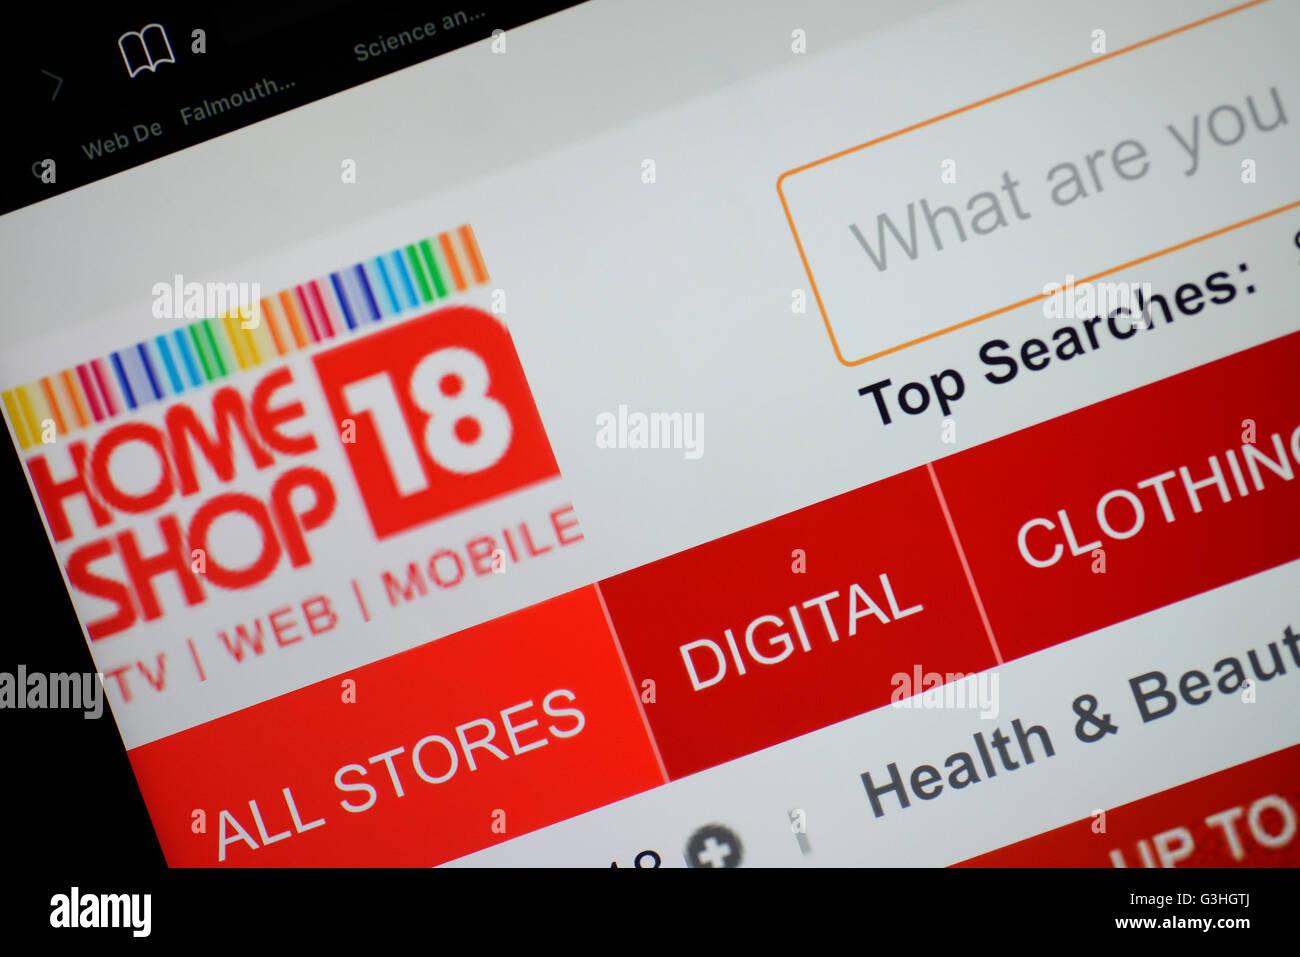 Home Shop 18 Com Popular Online Shopping Website